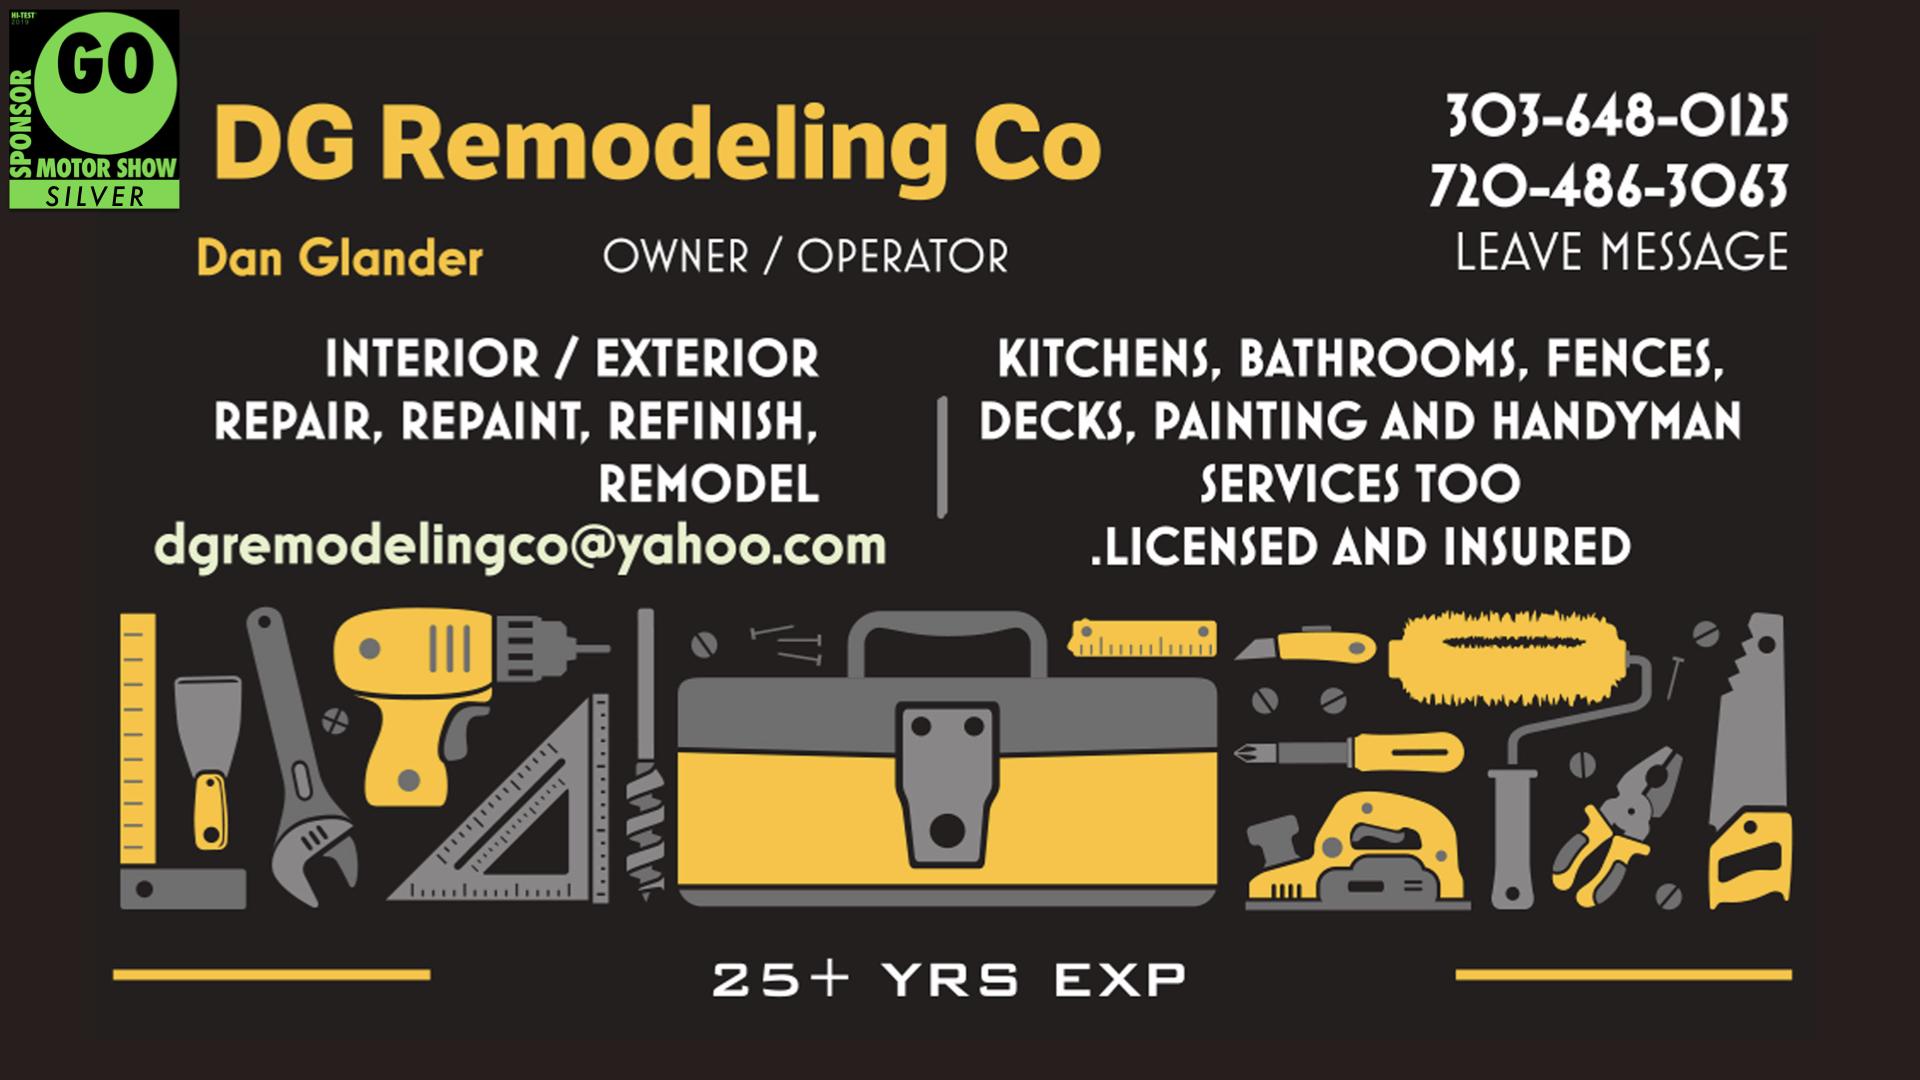 DG Remodeling Co